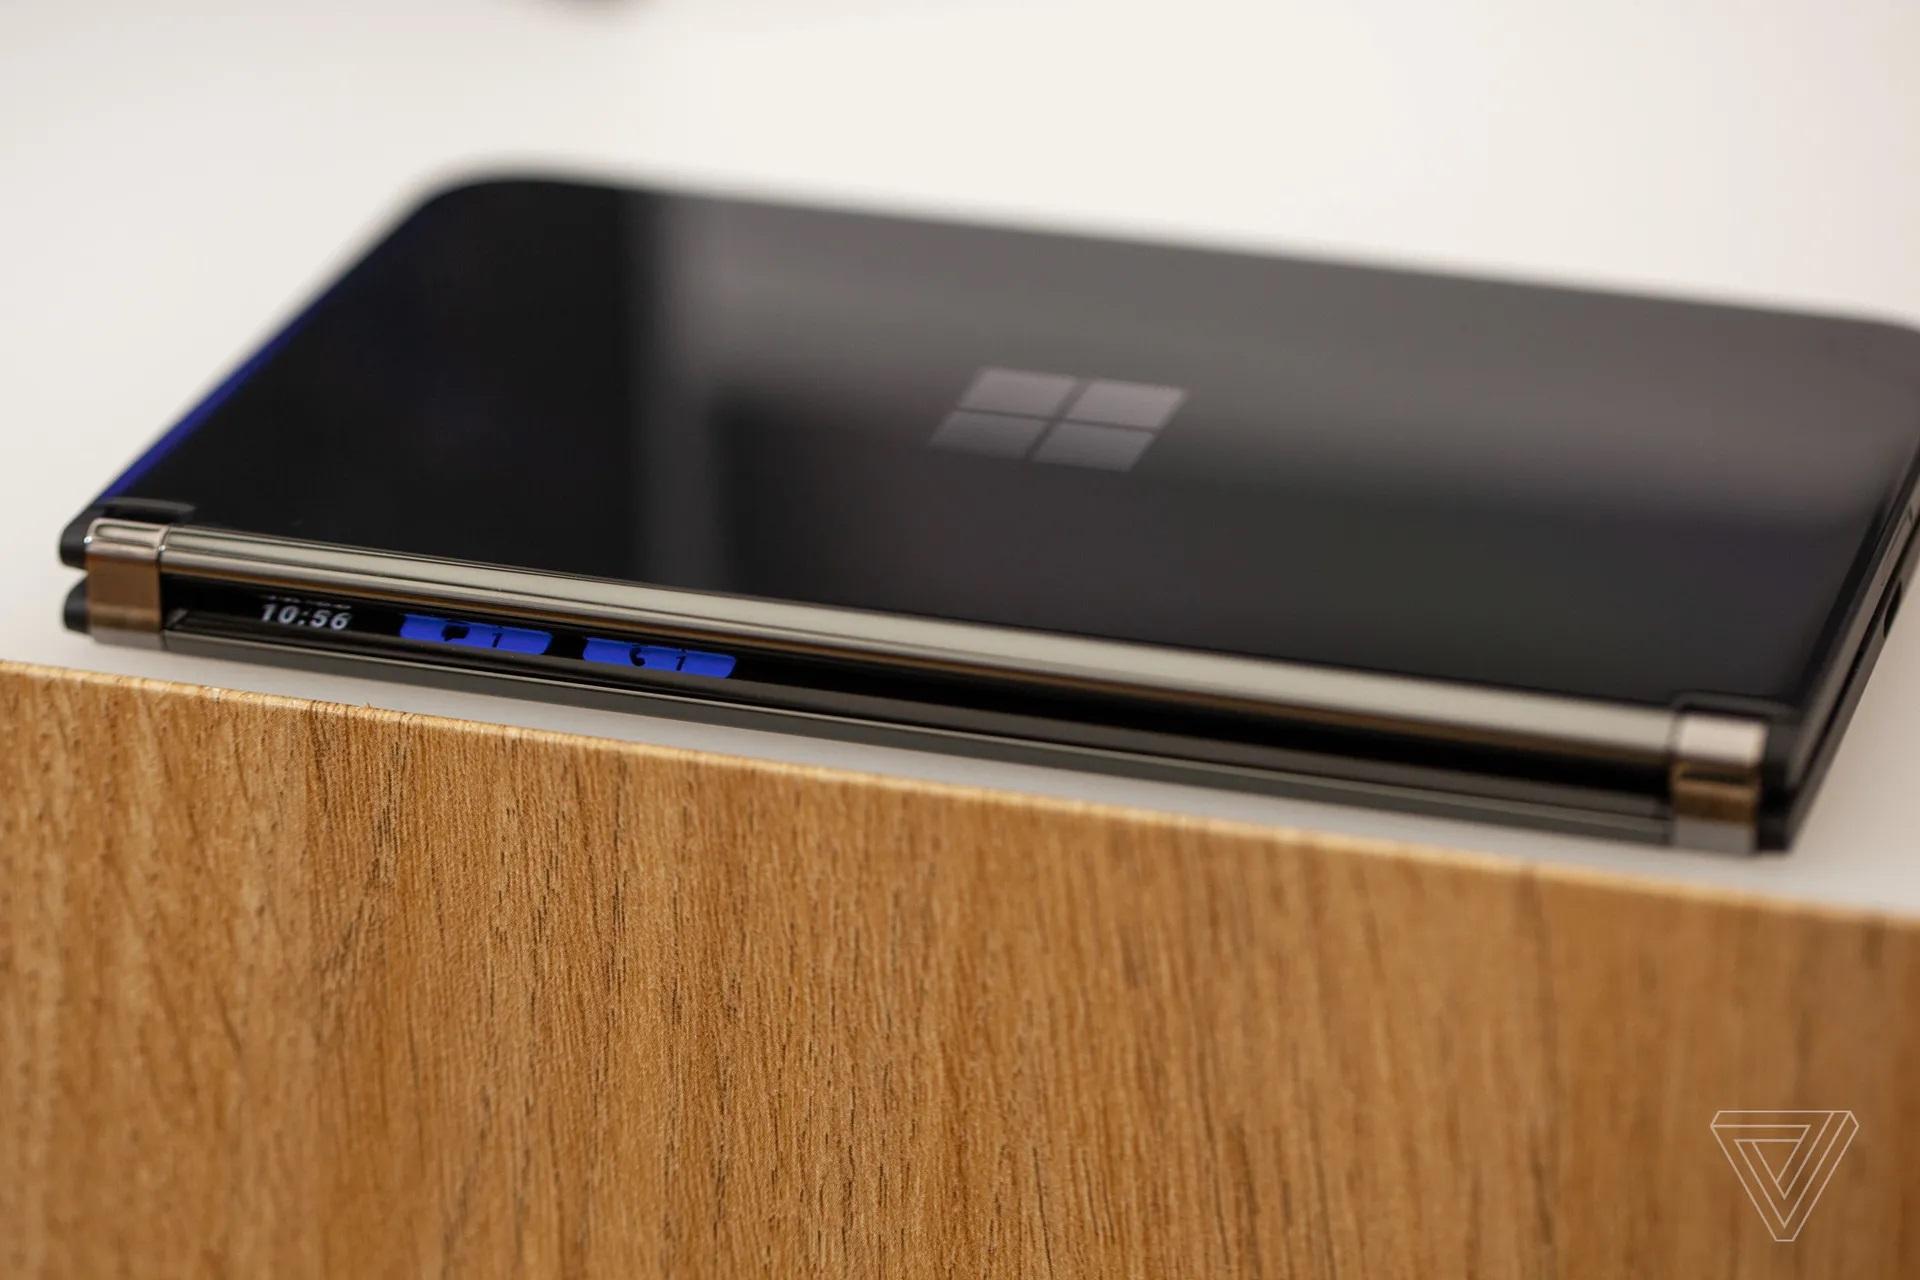 Cận cảnh Surface Duo 2 - Smartphone 2 màn hình giá 1.500 USD của Microsoft - Ảnh 2.